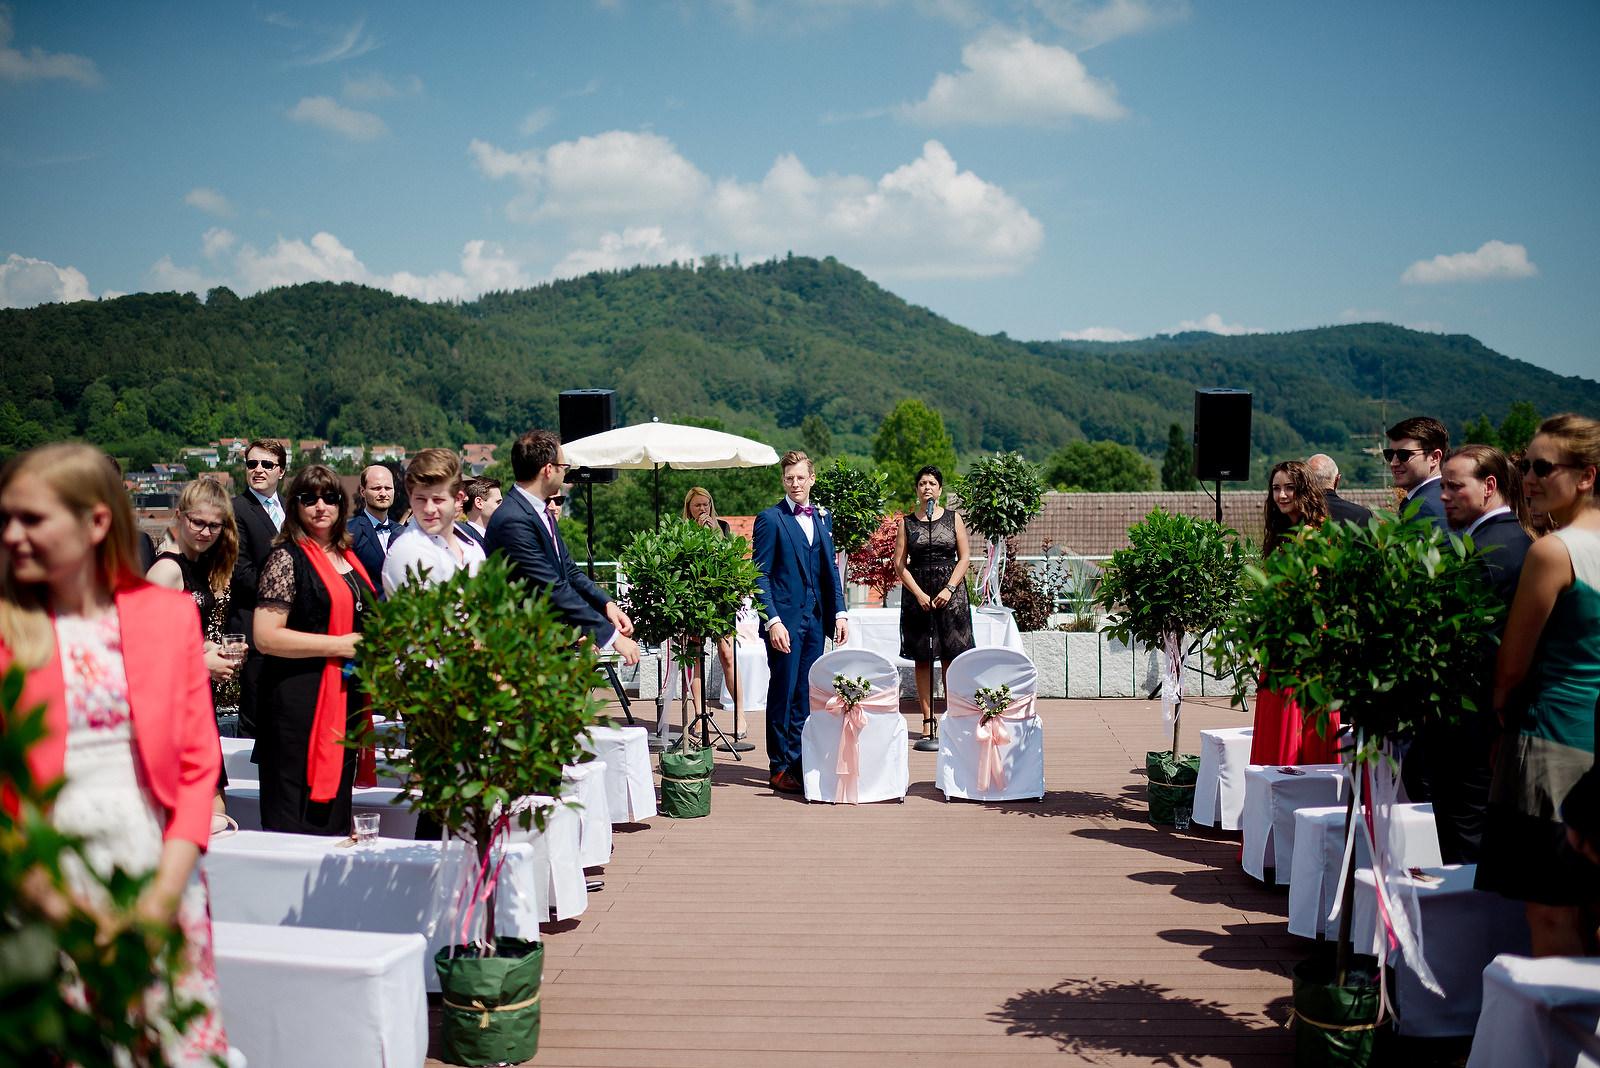 Fotograf Konstanz - Hochzeitsfotograf Bodensee Zollhaus Ludwigshafen Hochzeit Konstanz EFP 019 - Hochzeitsreportage im Zollhaus in Bodman-Ludwigshafen, Bodensee  - 153 -